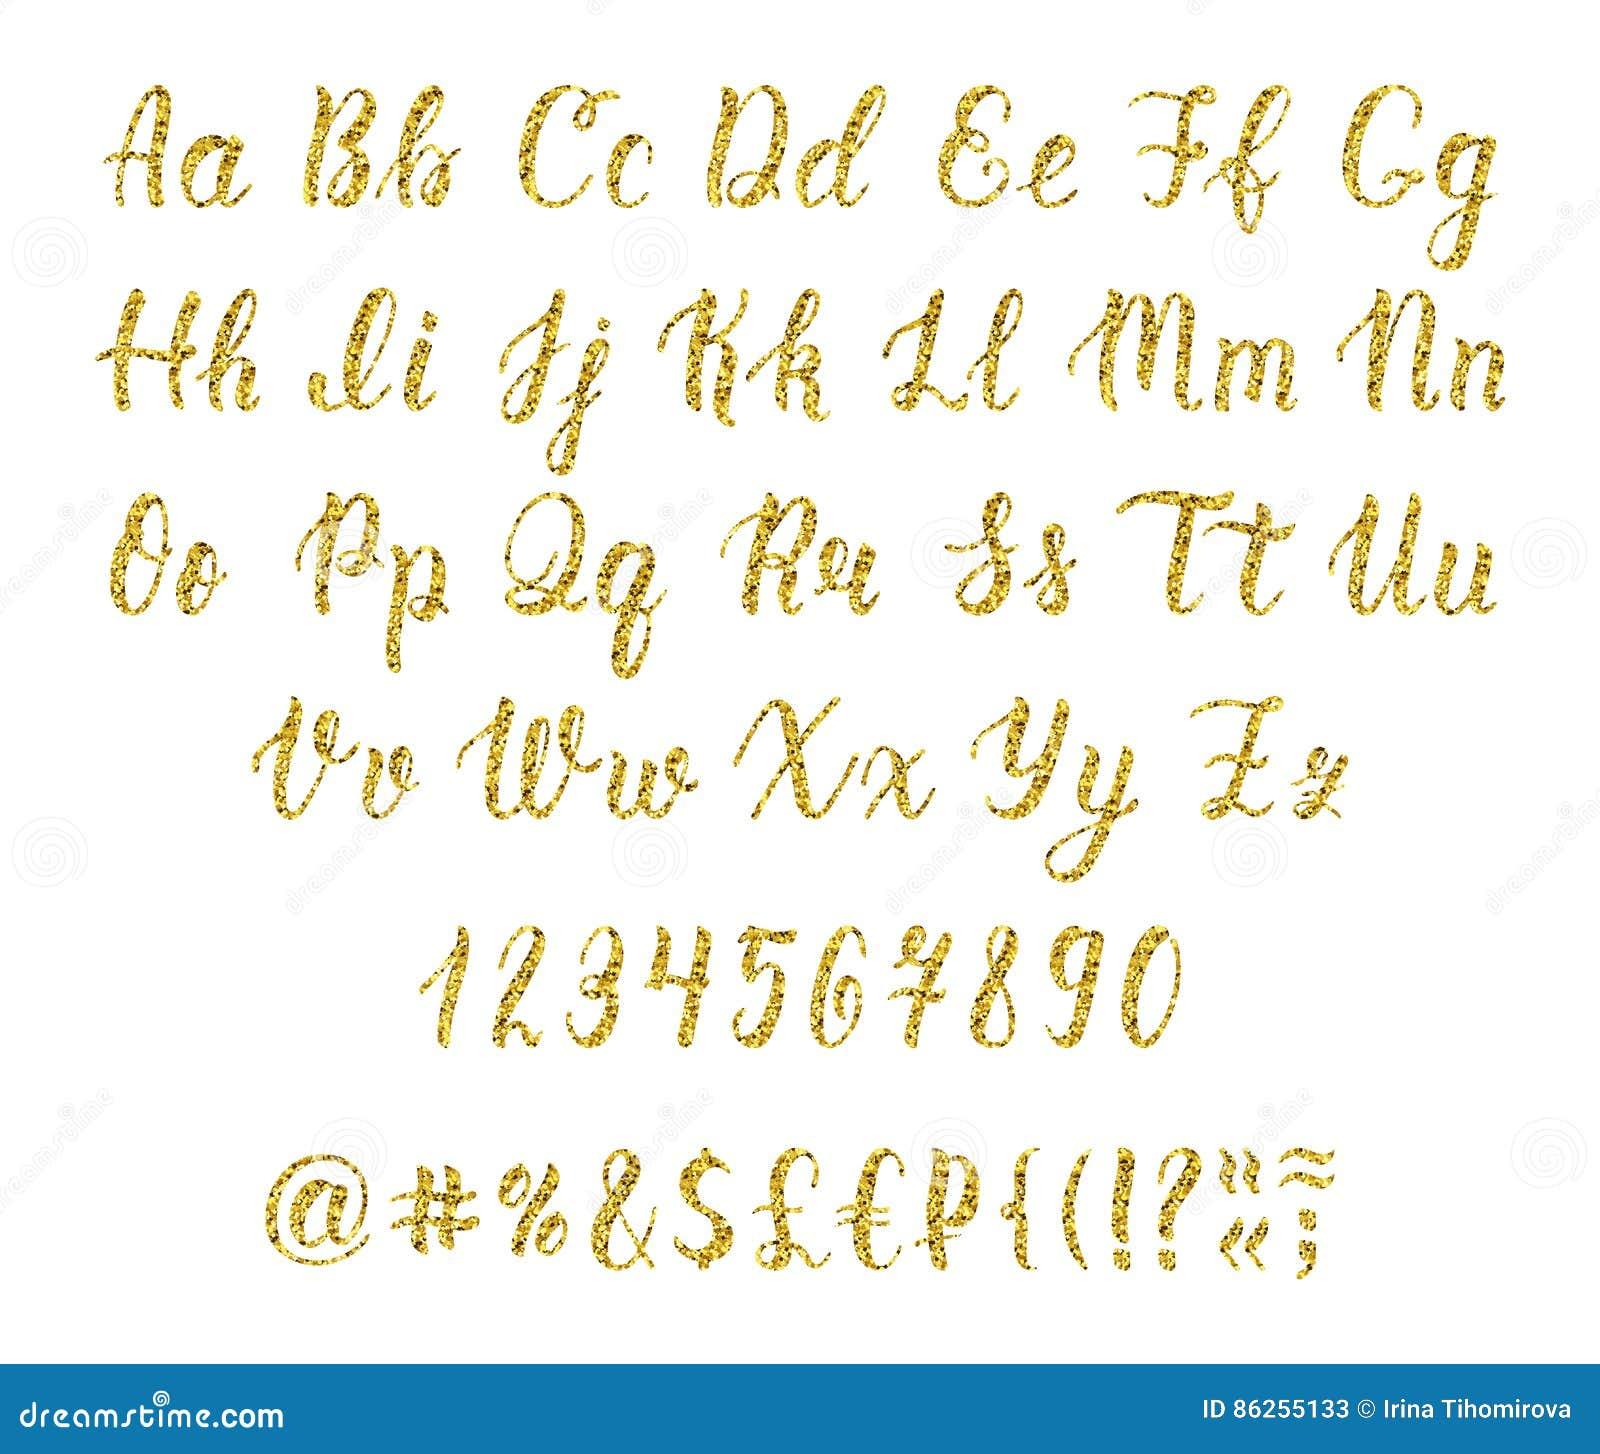 Handgeschriebenes lateinisches Kalligraphiebürstenskript mit Zahlen und Interpunktionszeichen Goldfunkelnalphabet Vektor